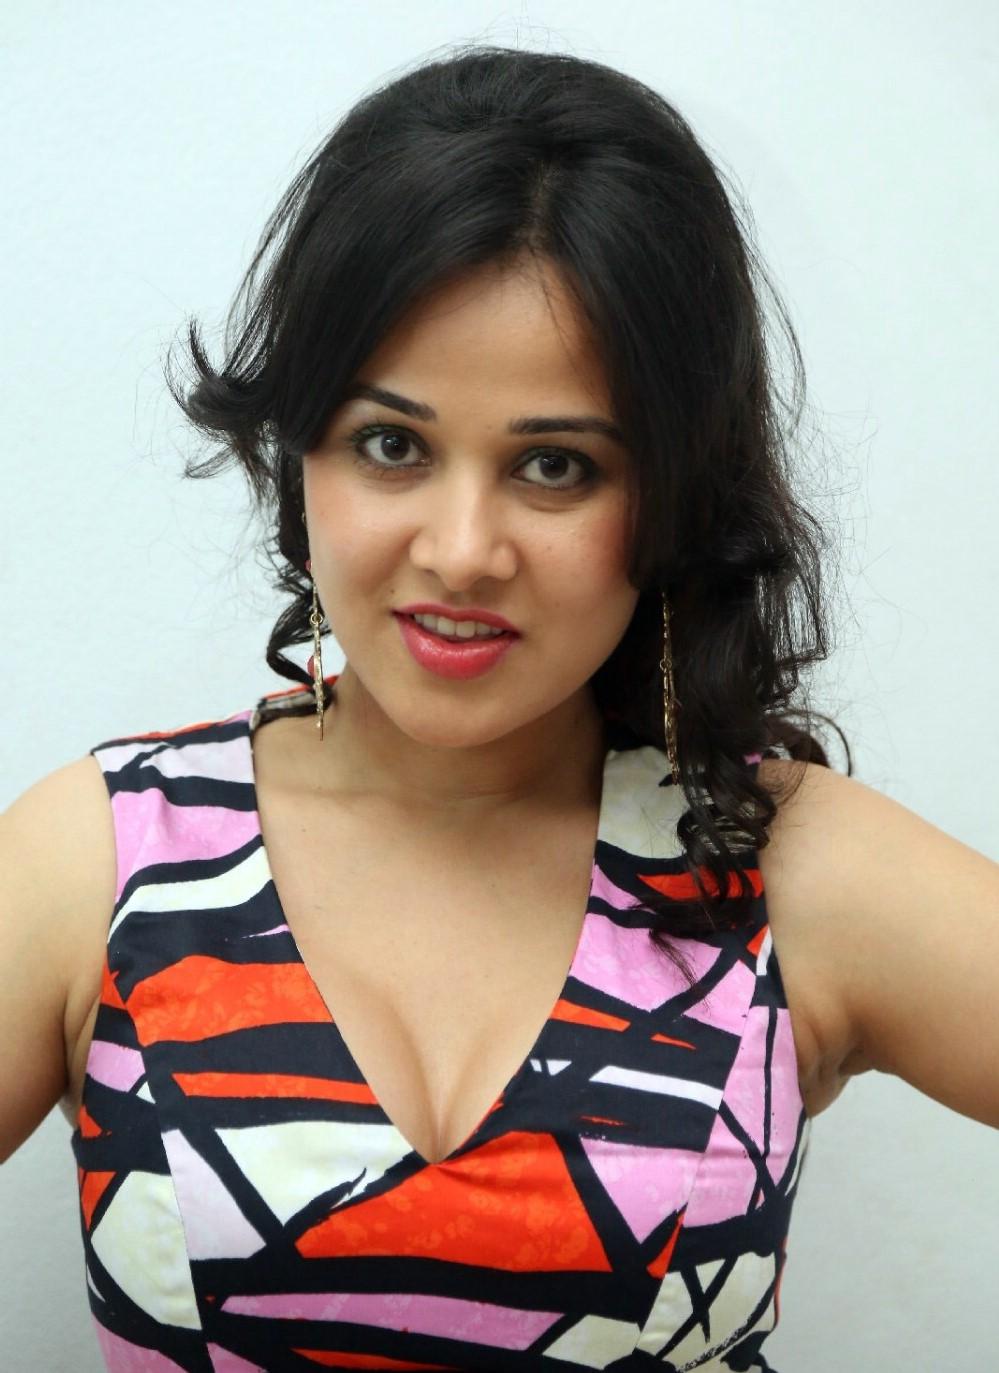 Nisha kothari face photos